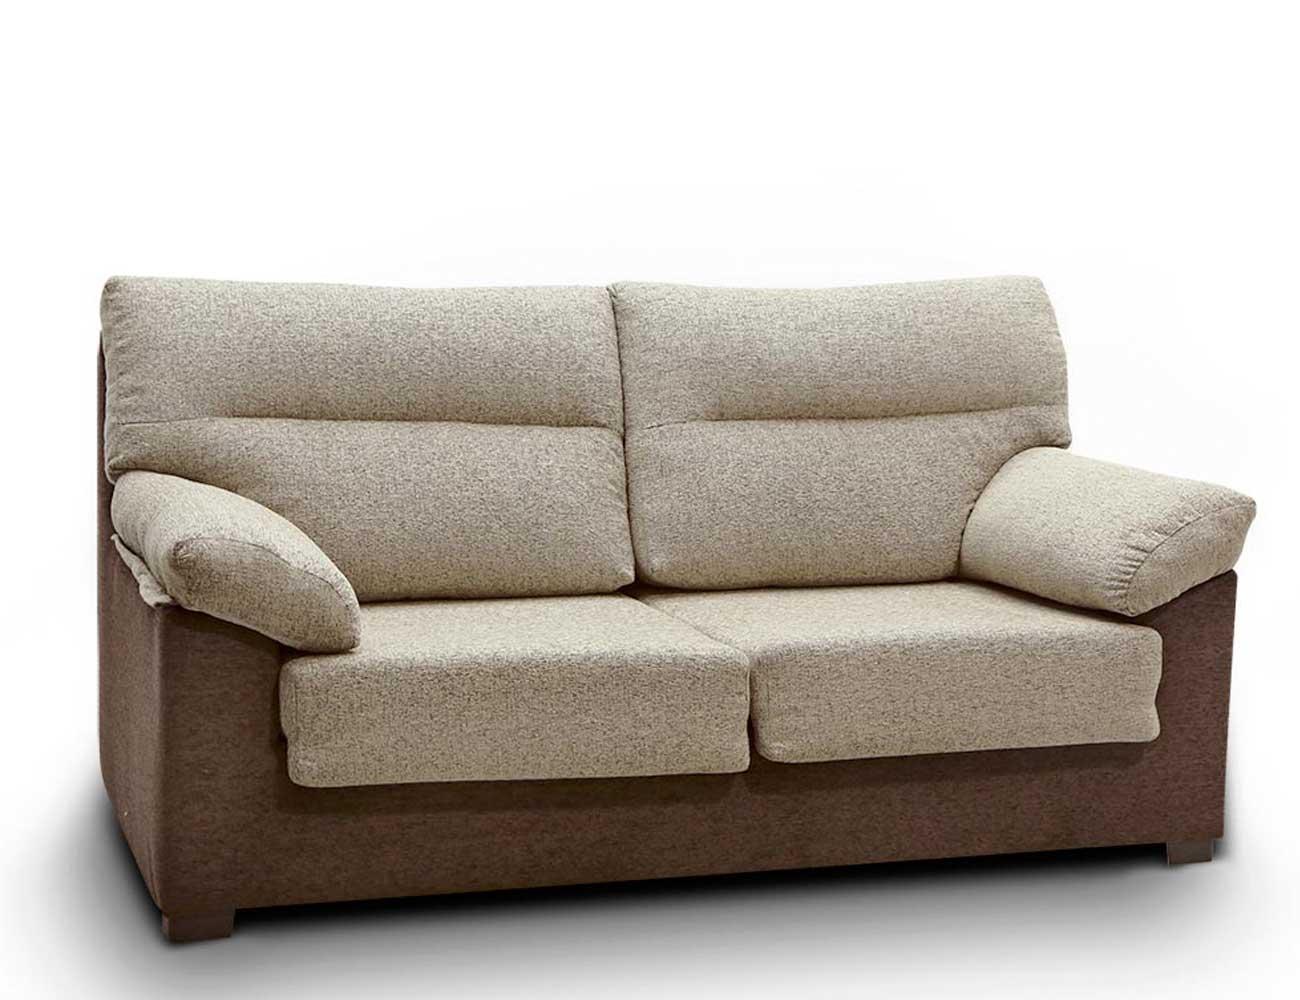 Sof con tejido water repelent 6484 factory del mueble for Sofa 3 plazas barato